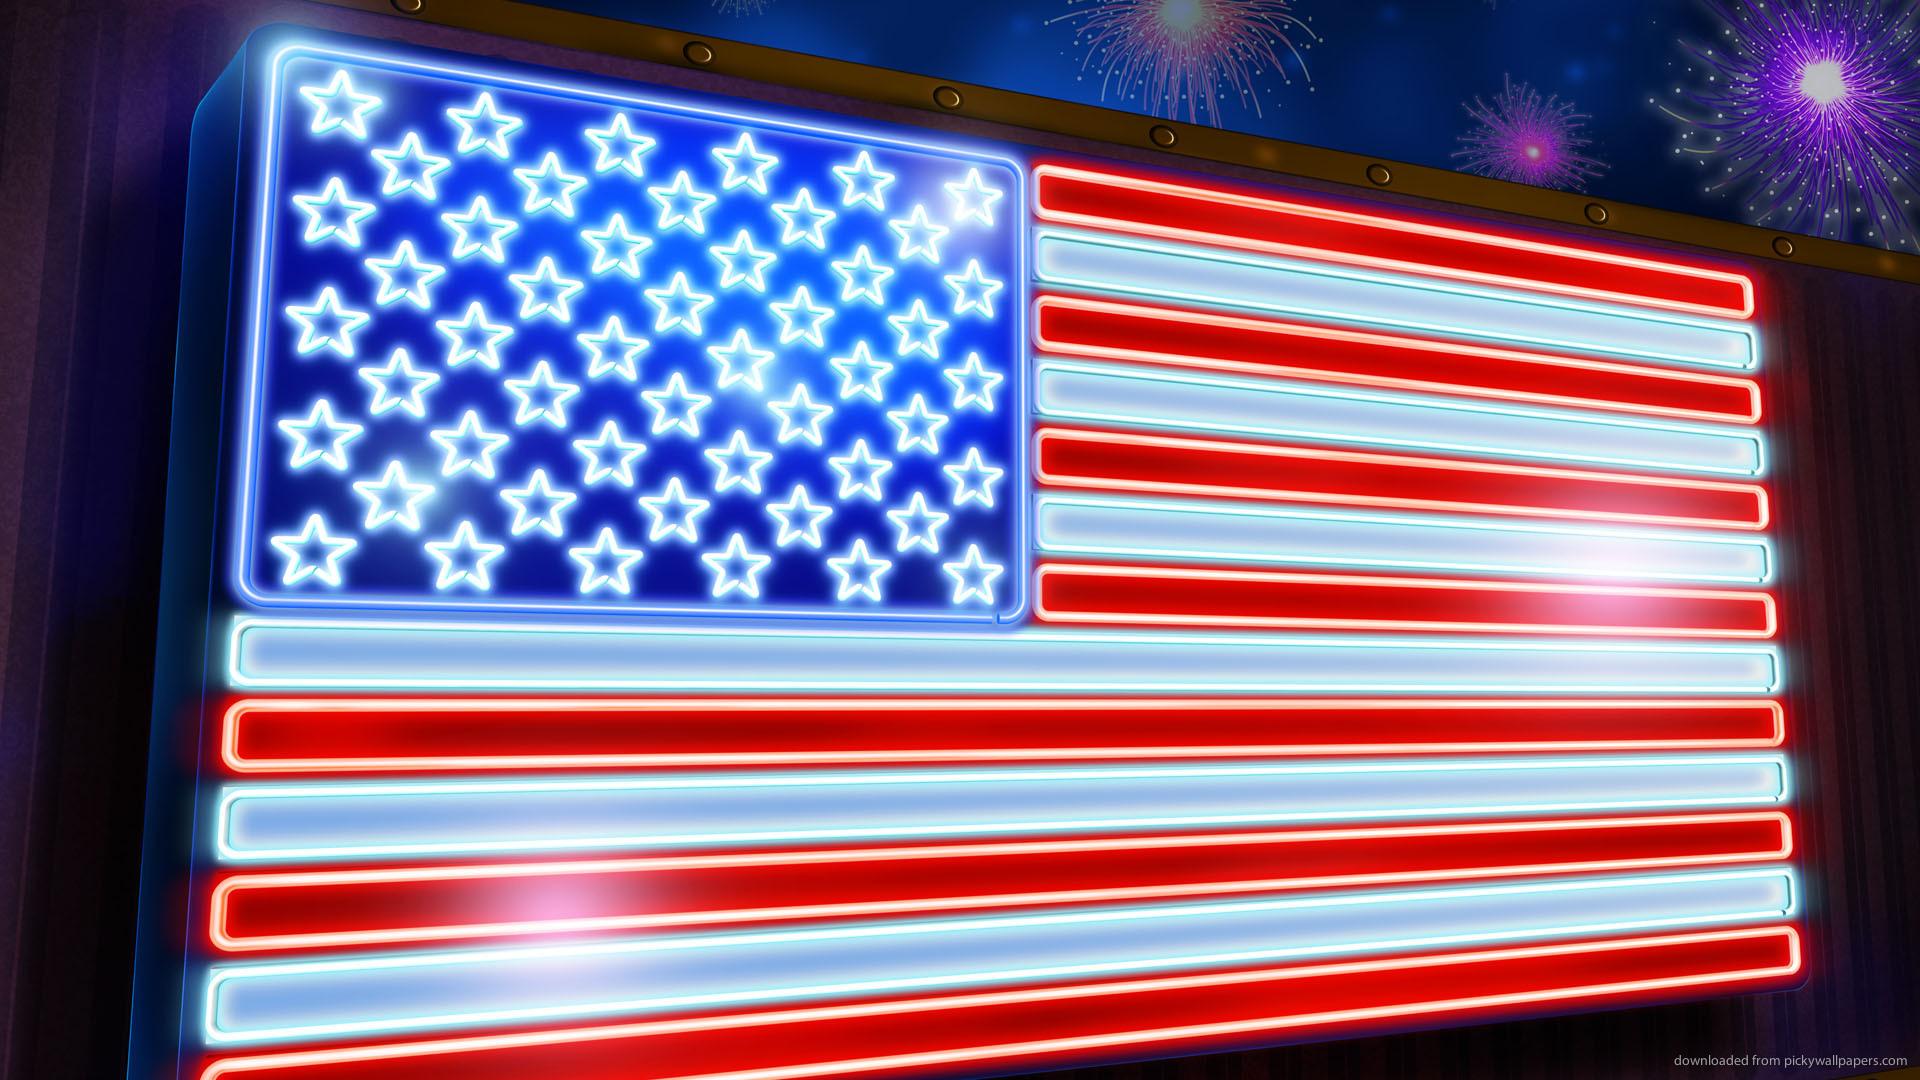 Neon USA Flag Wallpaper For PSP 1920x1080